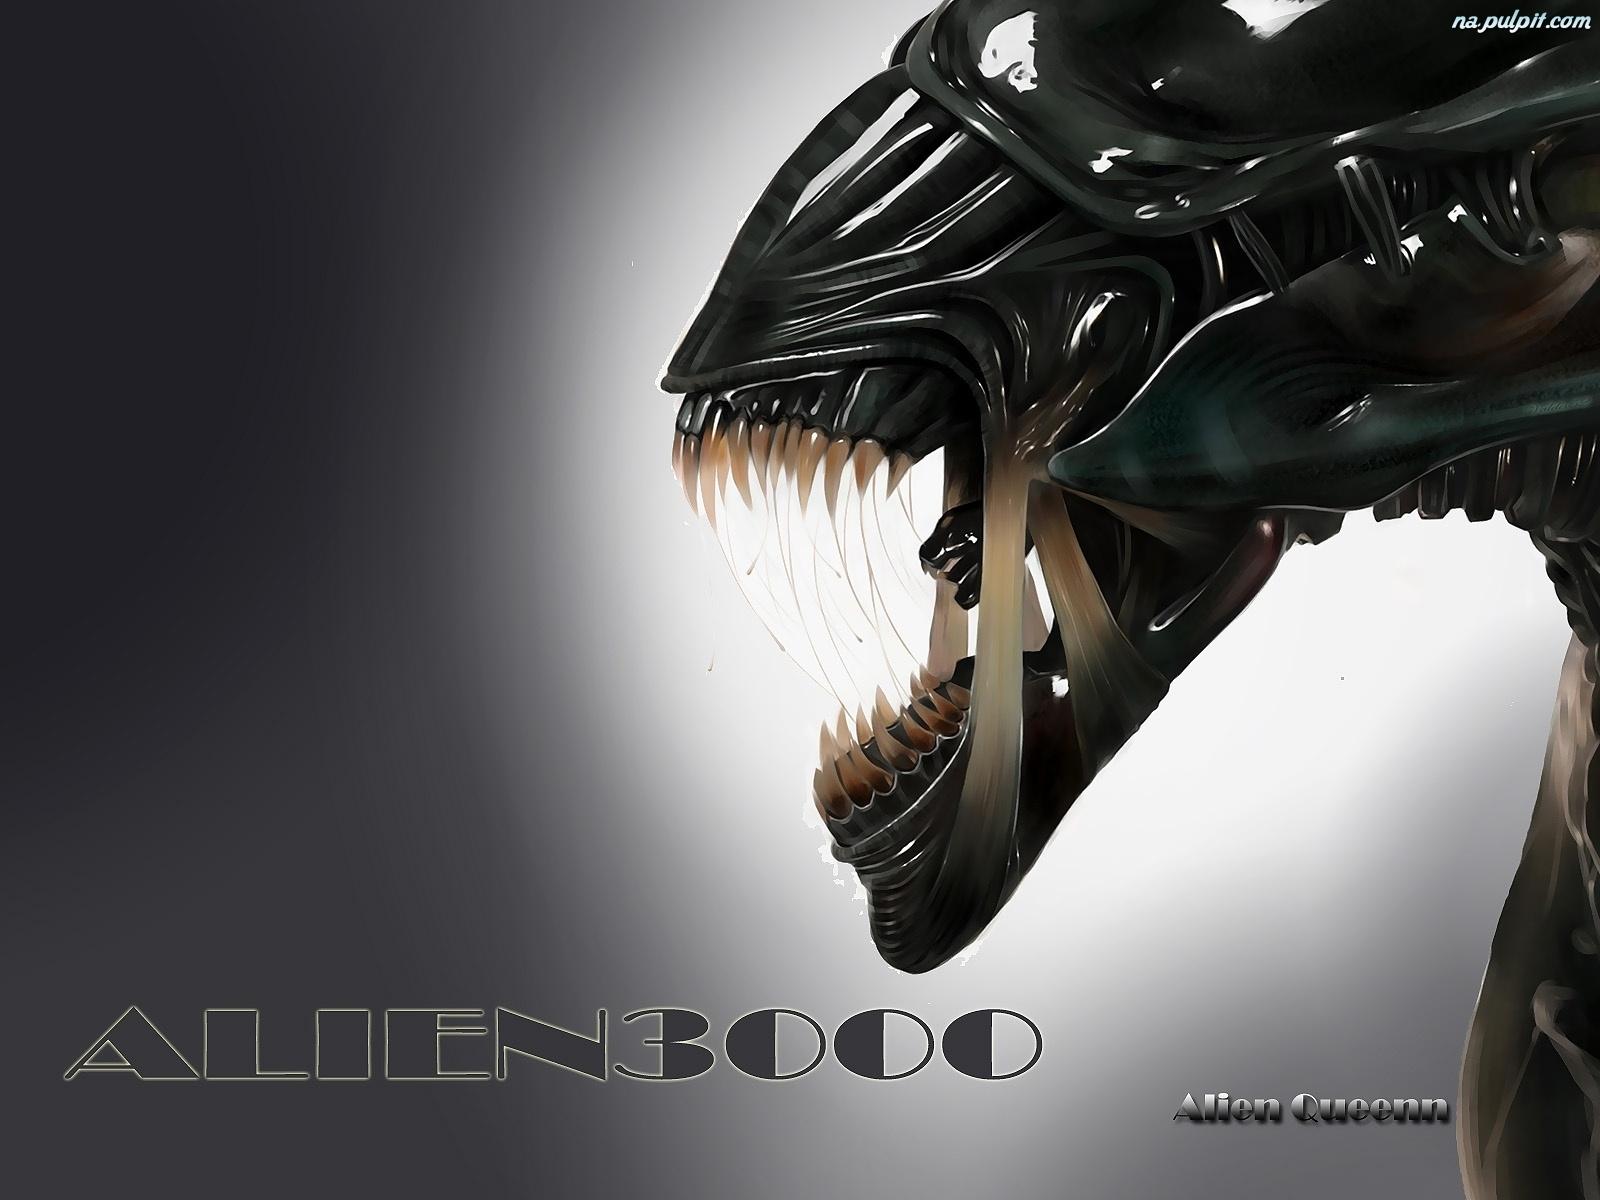 aliens movie - photo #30